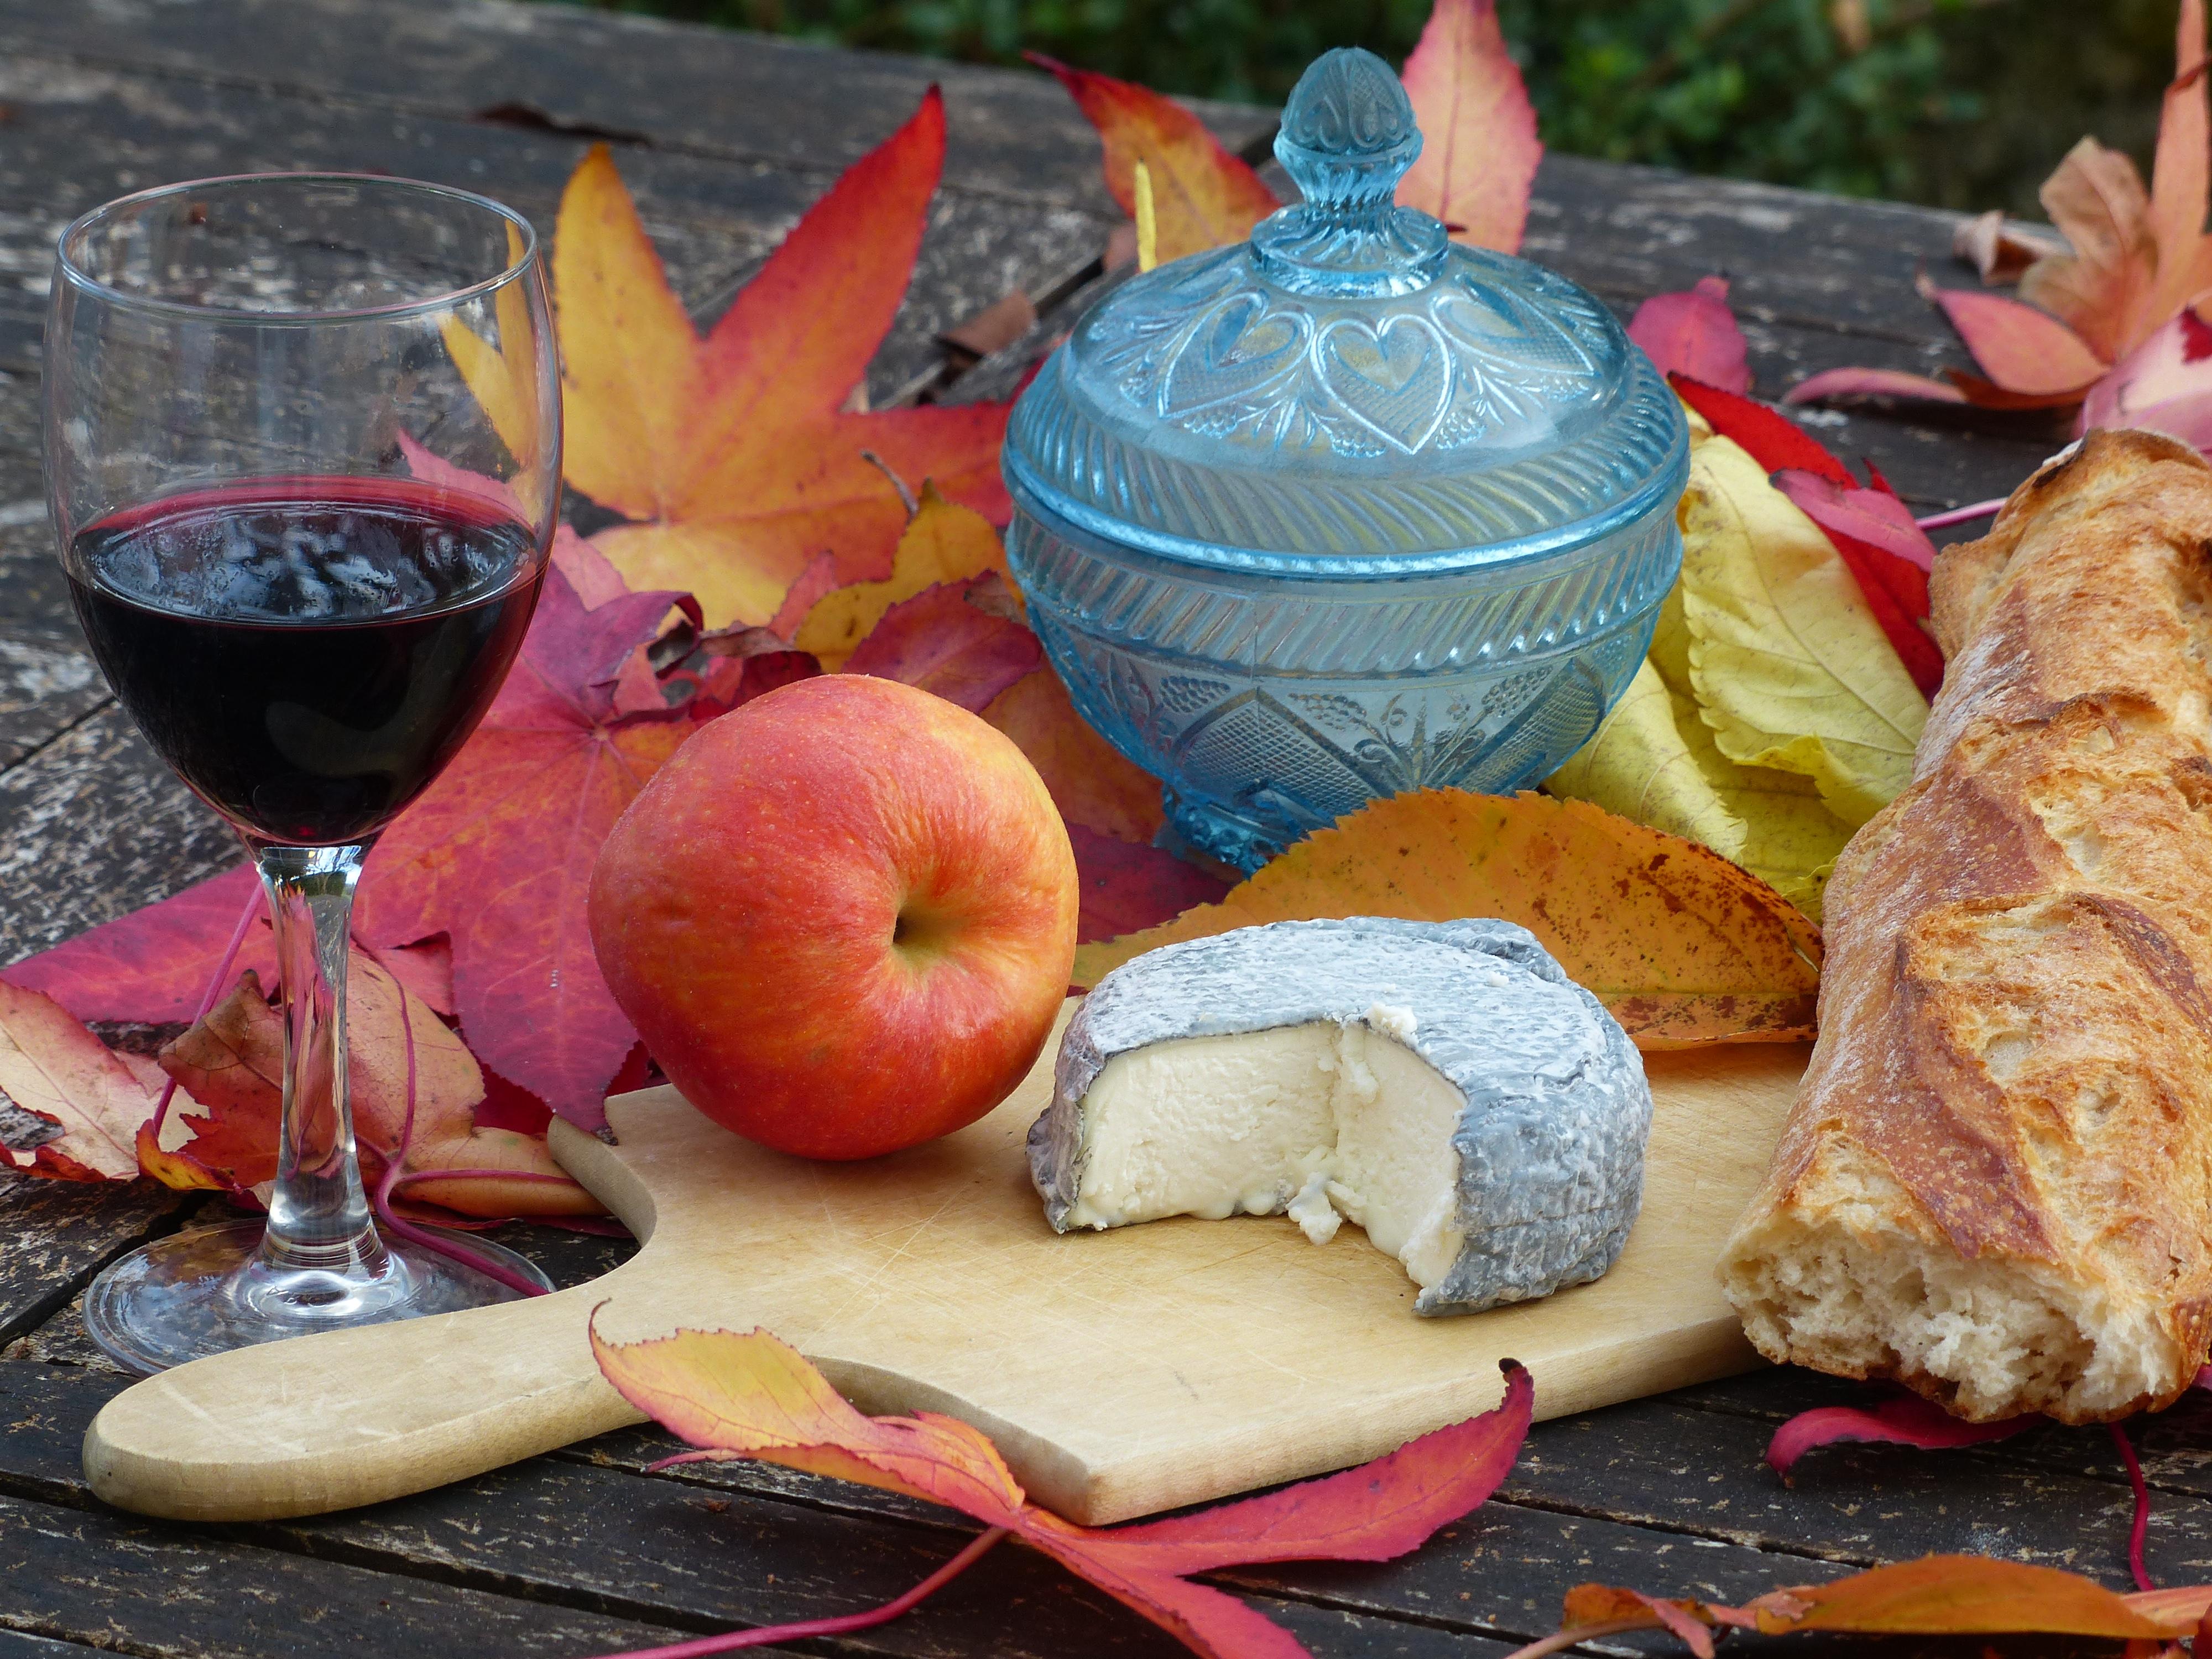 fromage chateau Morange Blaye Côtes de Bordeaux